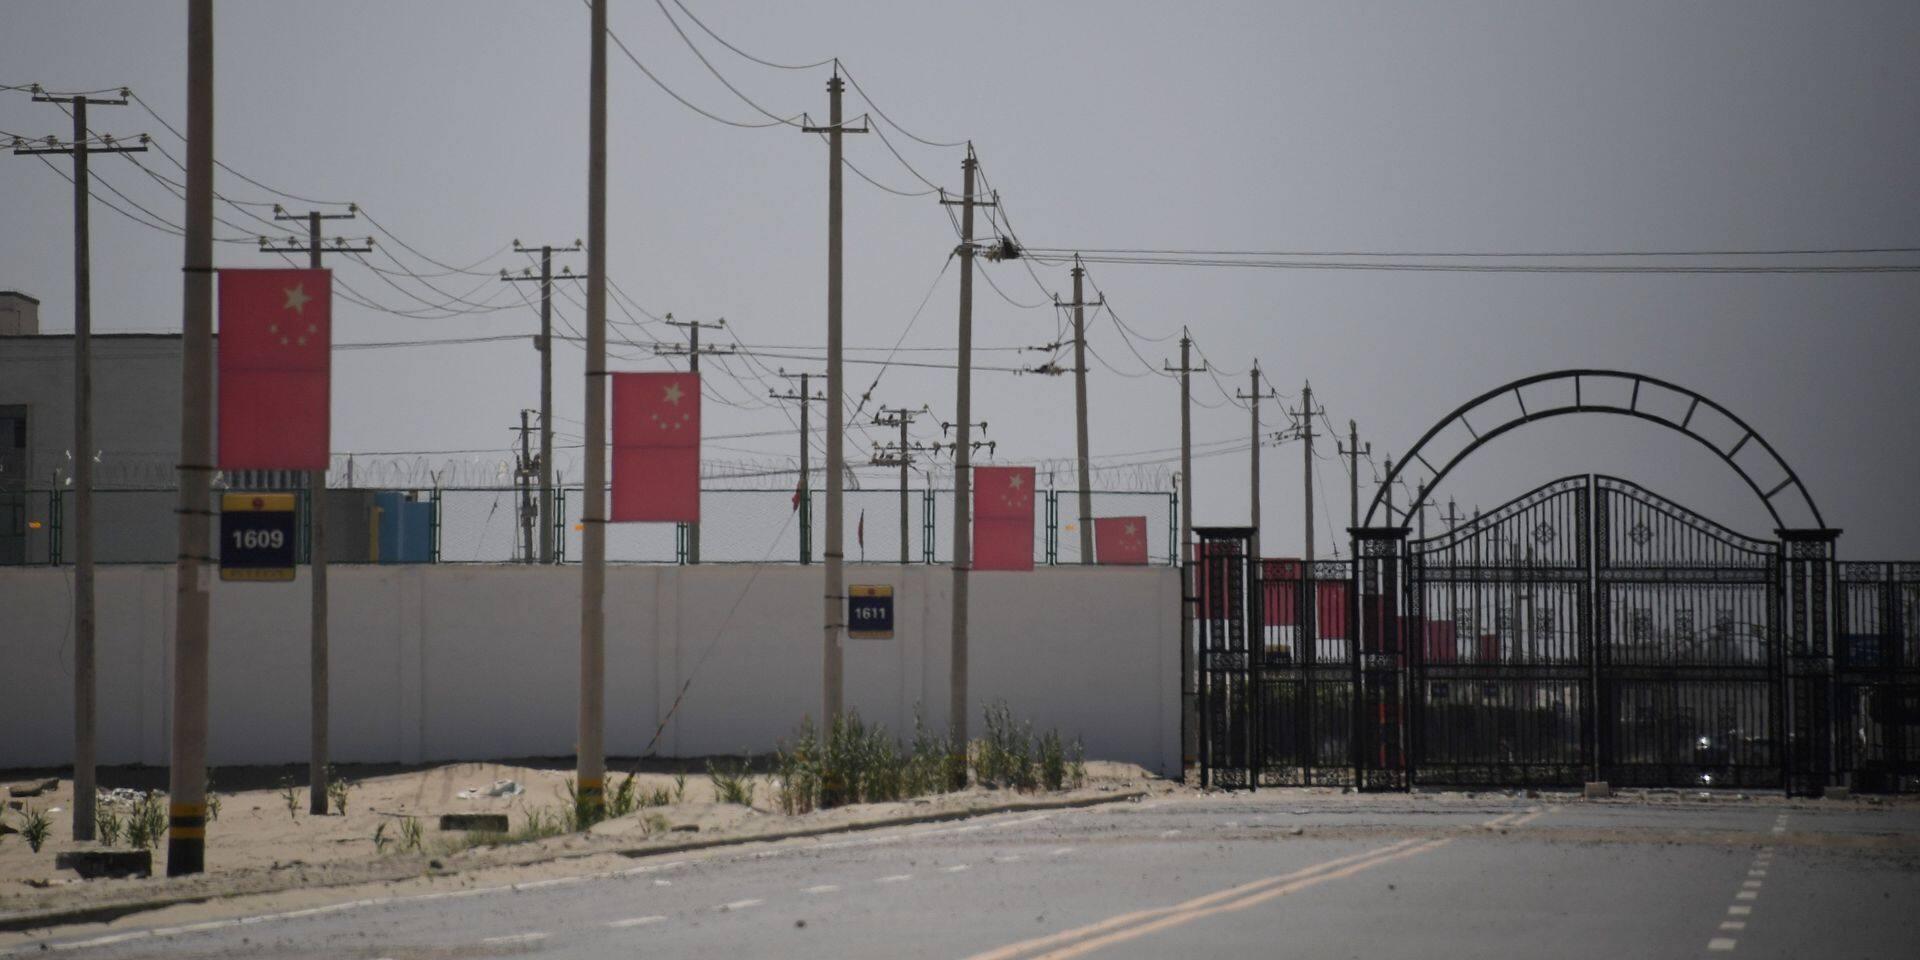 La répression pénale s'est intensifiée au Xinjiang, selon HRW